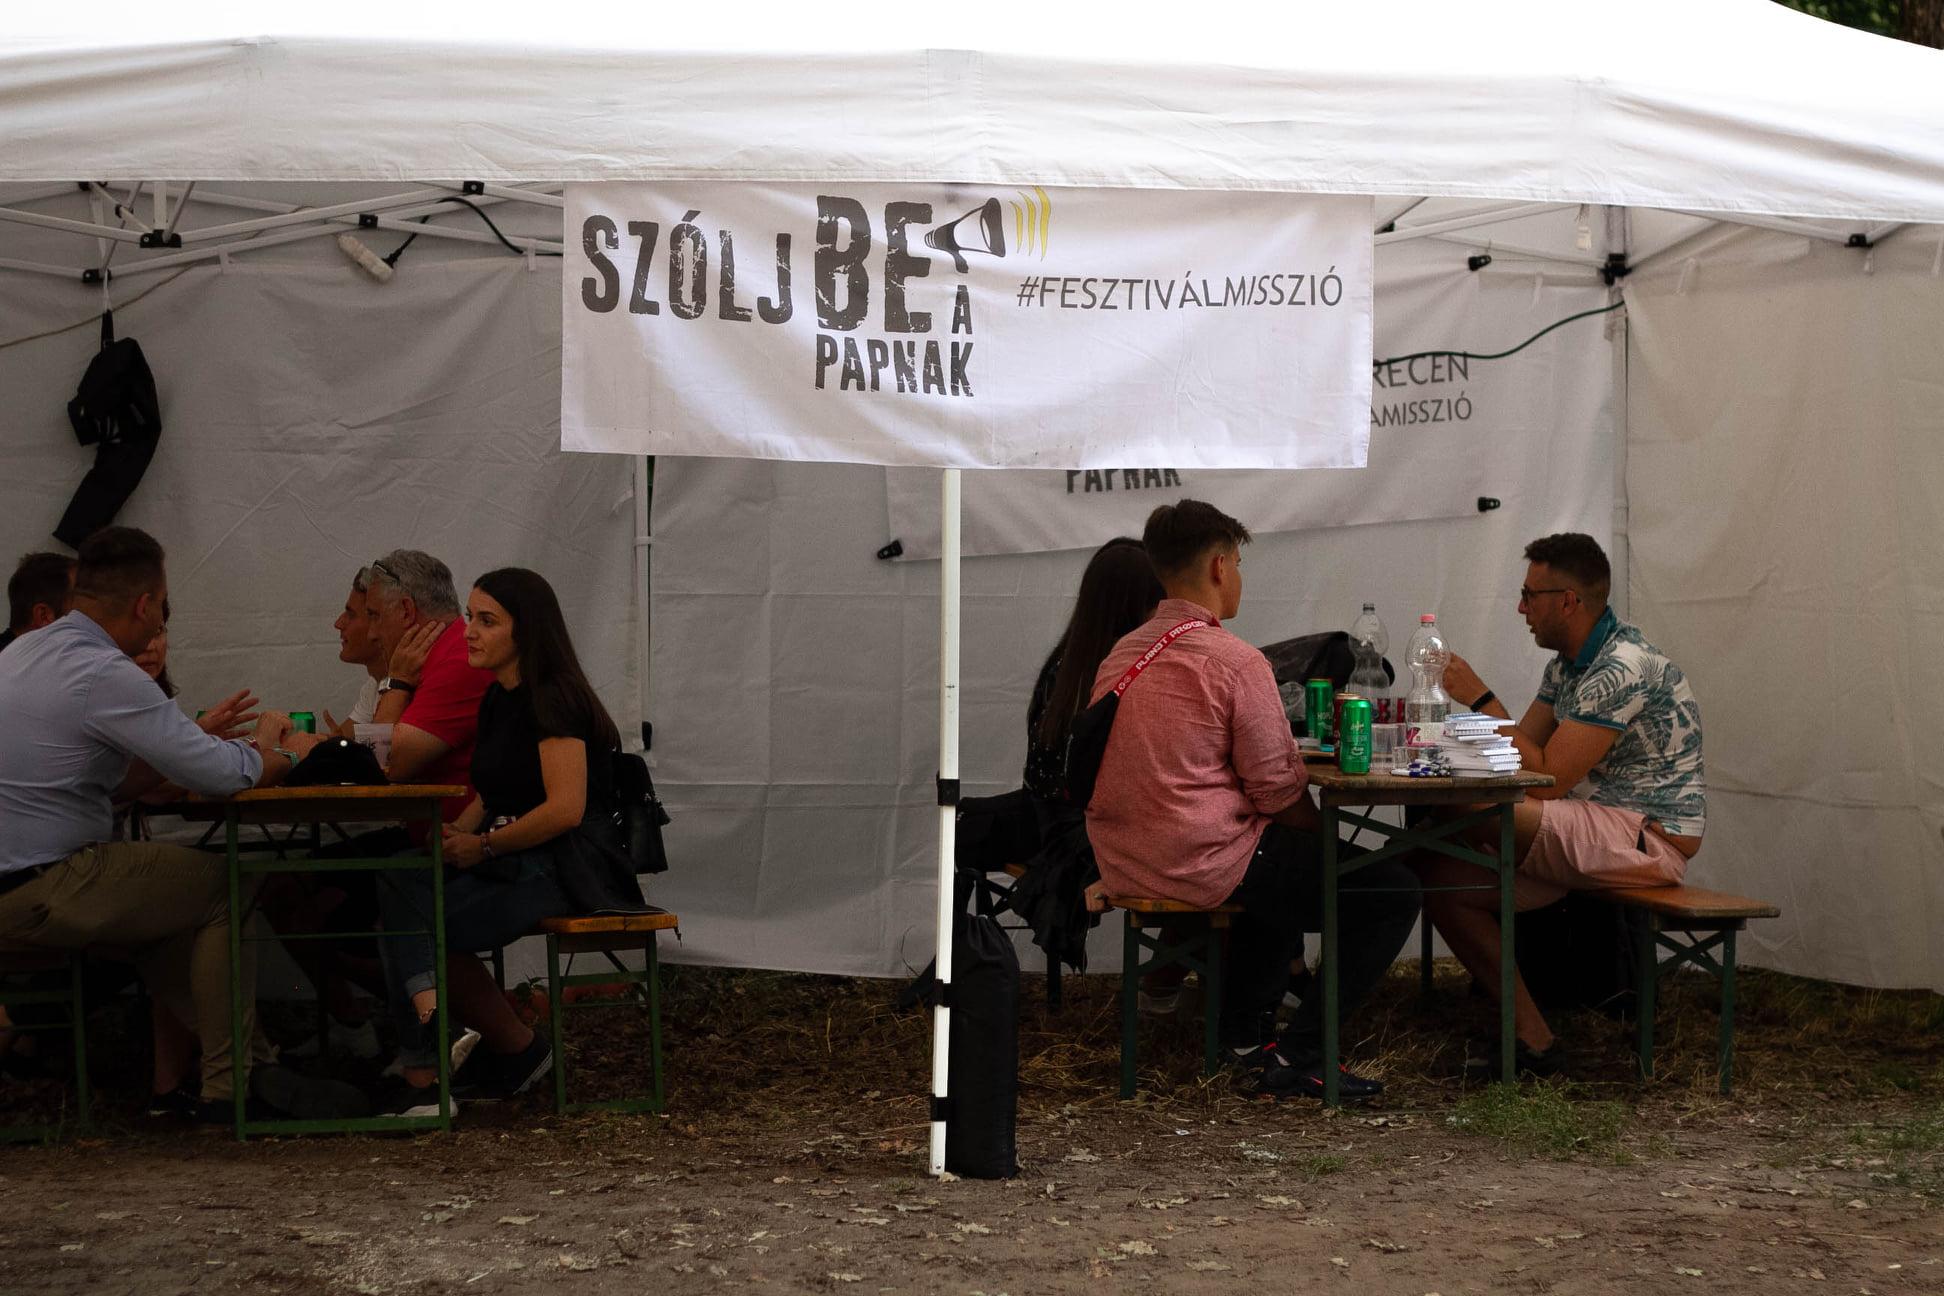 Mélyebb és hosszabb beszélgetések a fesztiválmissziós sátornál